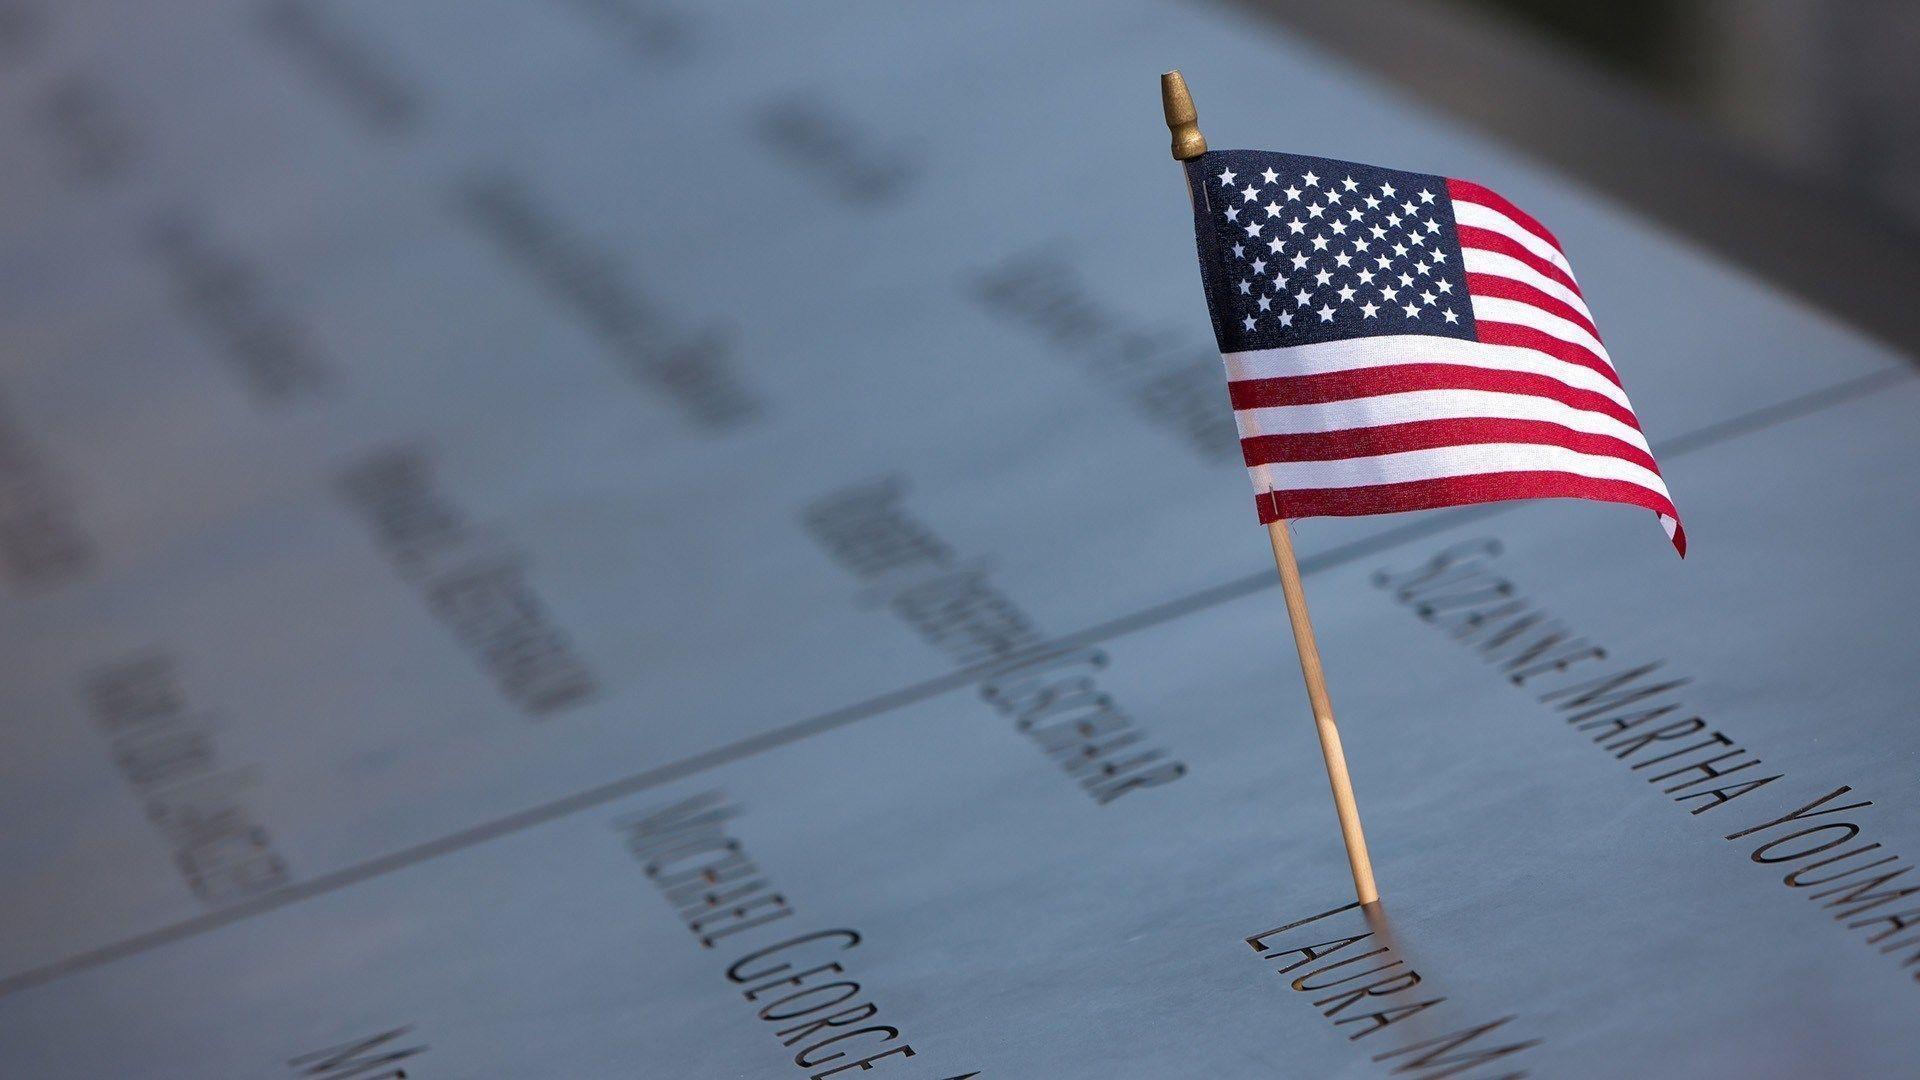 Flag USA Close-Up HD Wallpaper - ZoomWalls